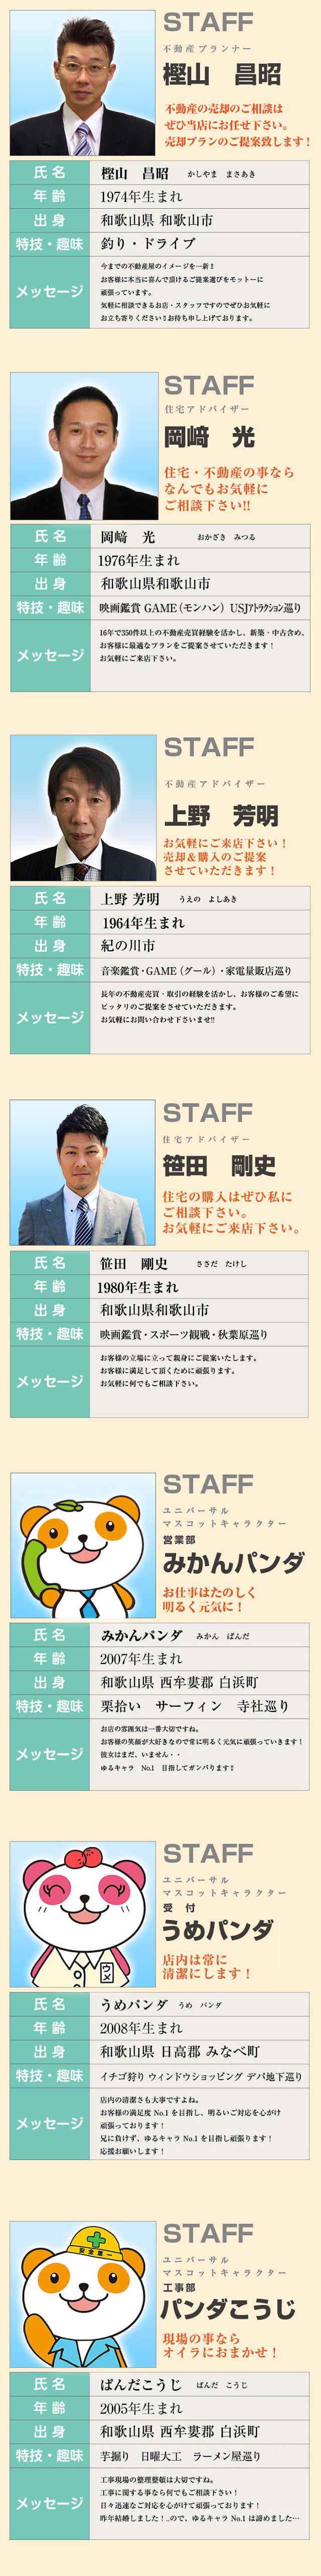 staff017